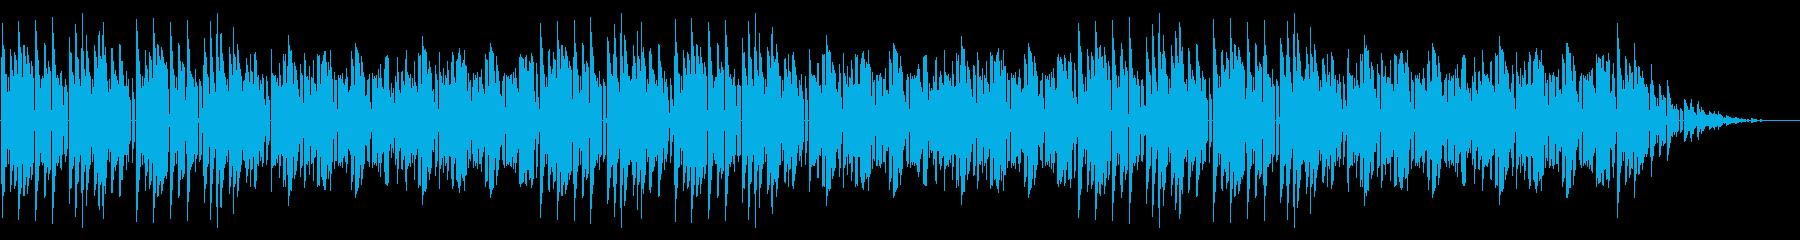 GB風東洋ボードゲームのタイトル曲の再生済みの波形